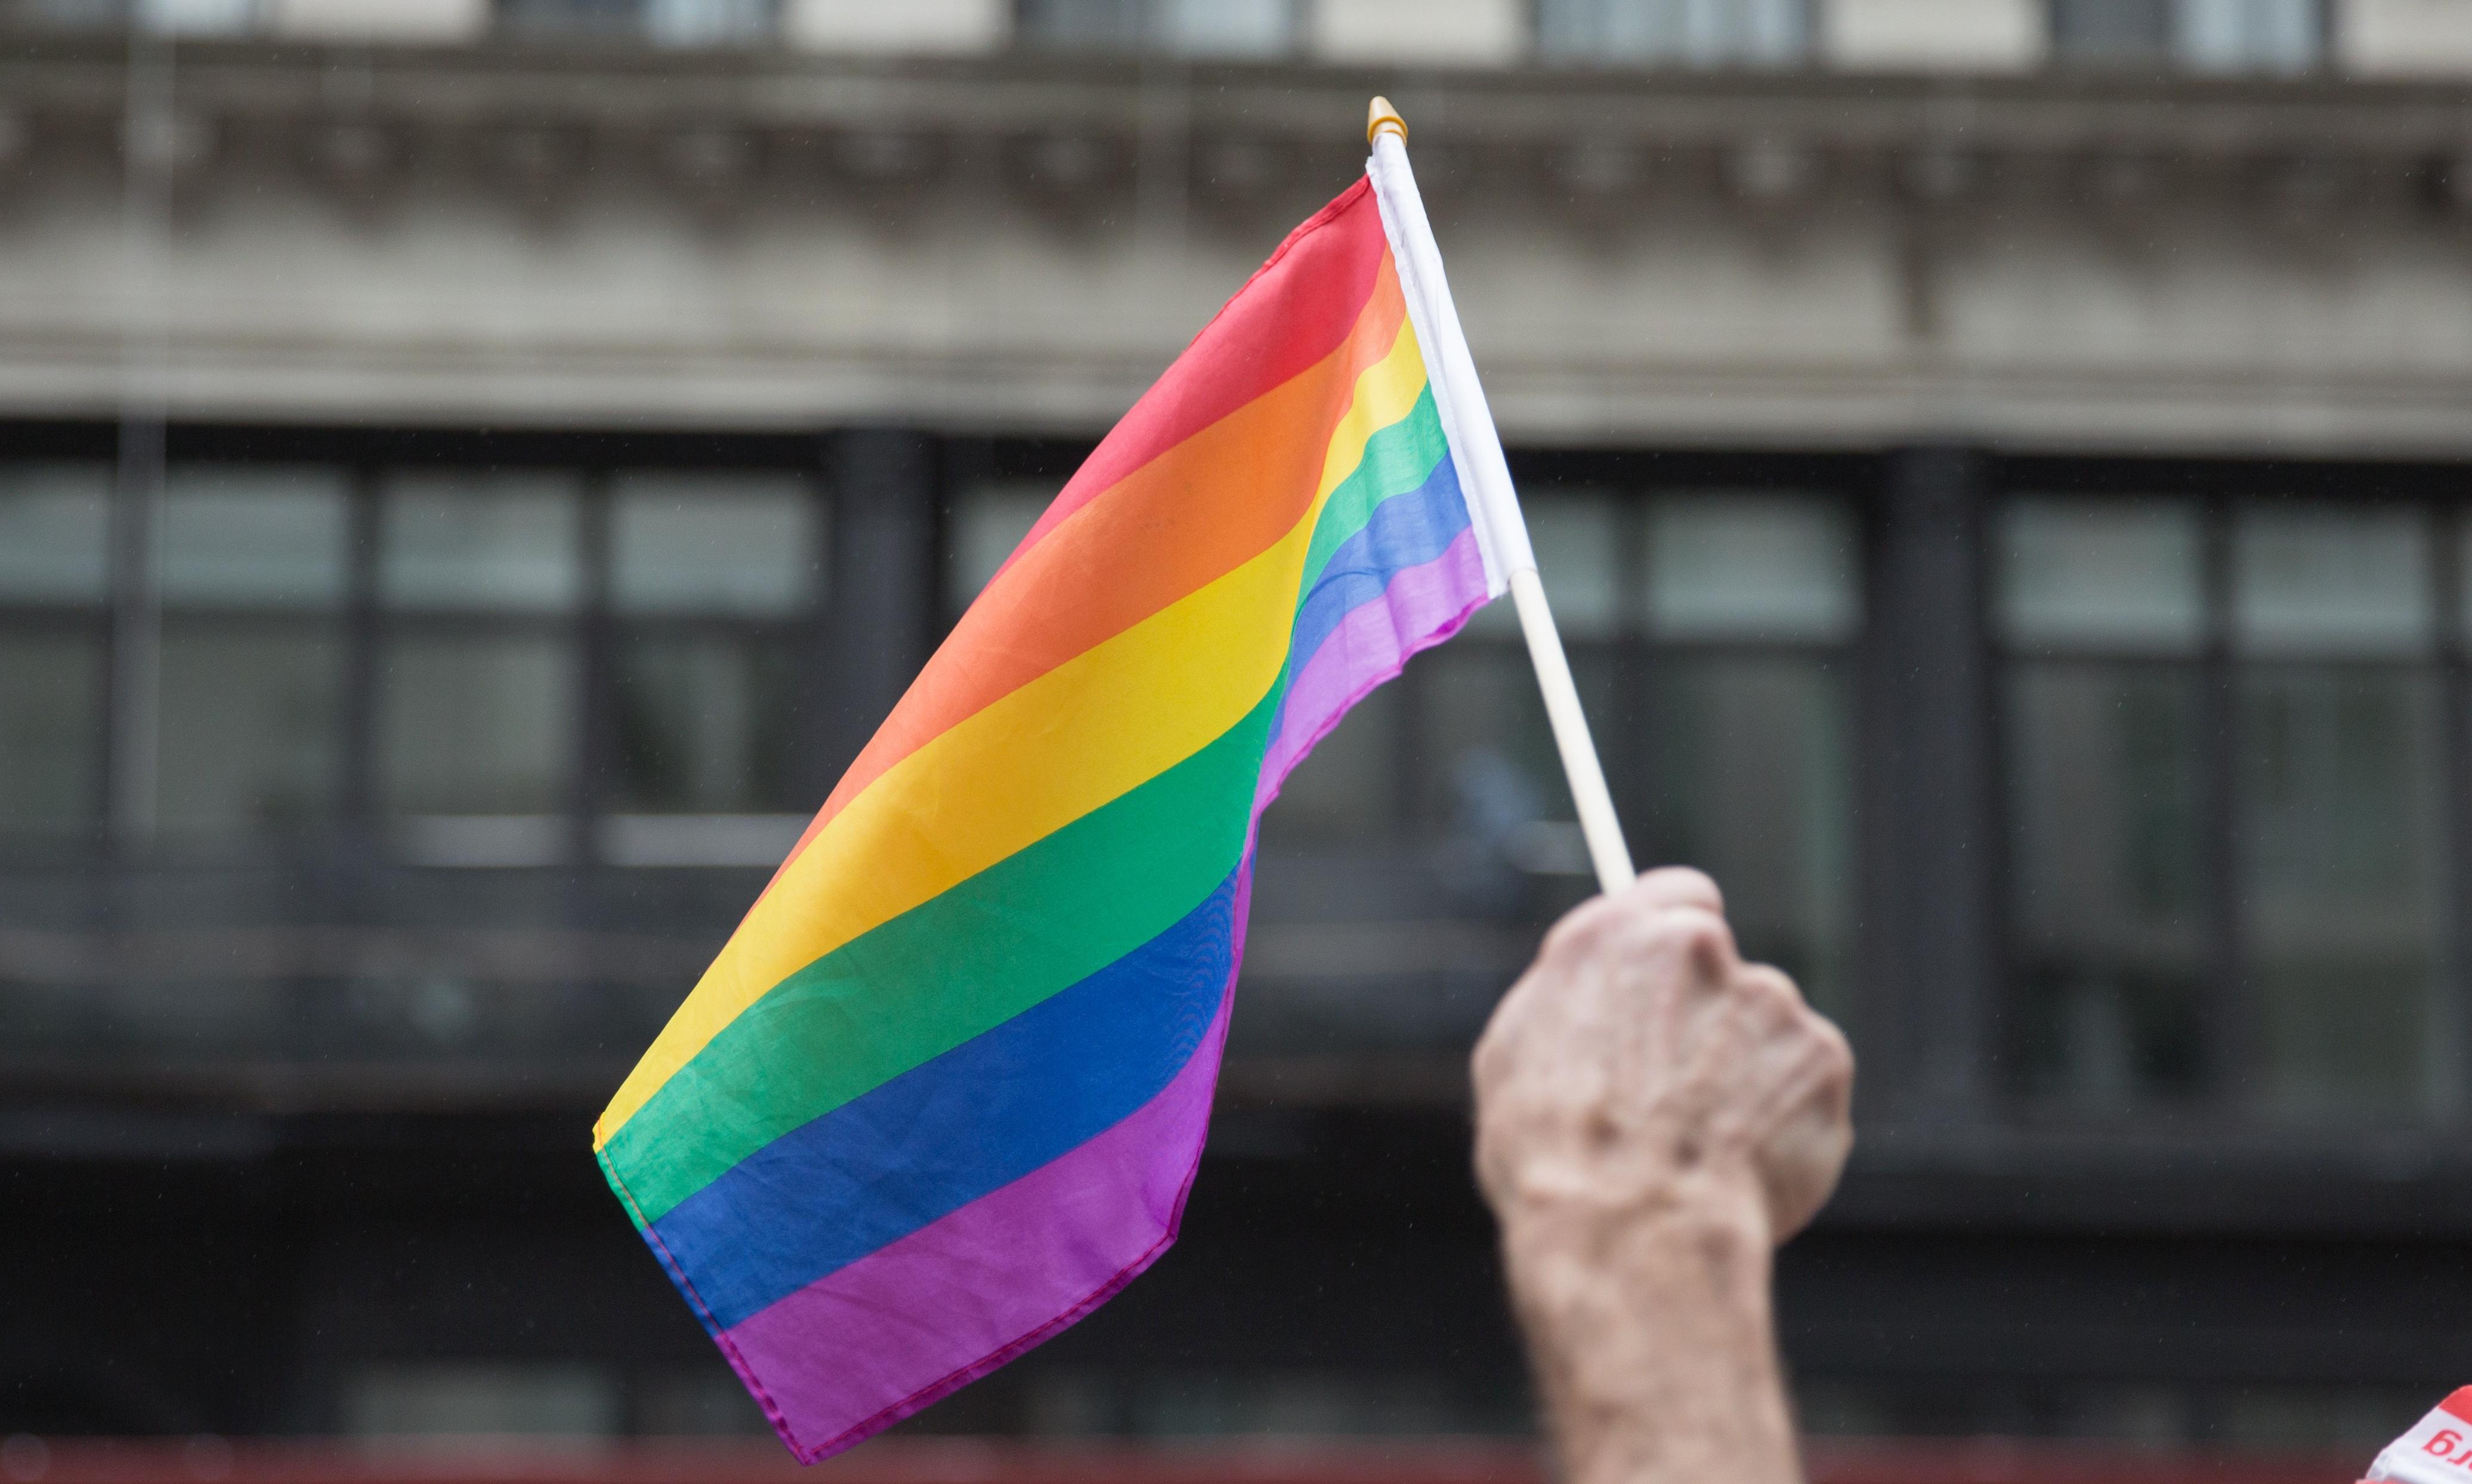 Права секс меньшинств 17 фотография